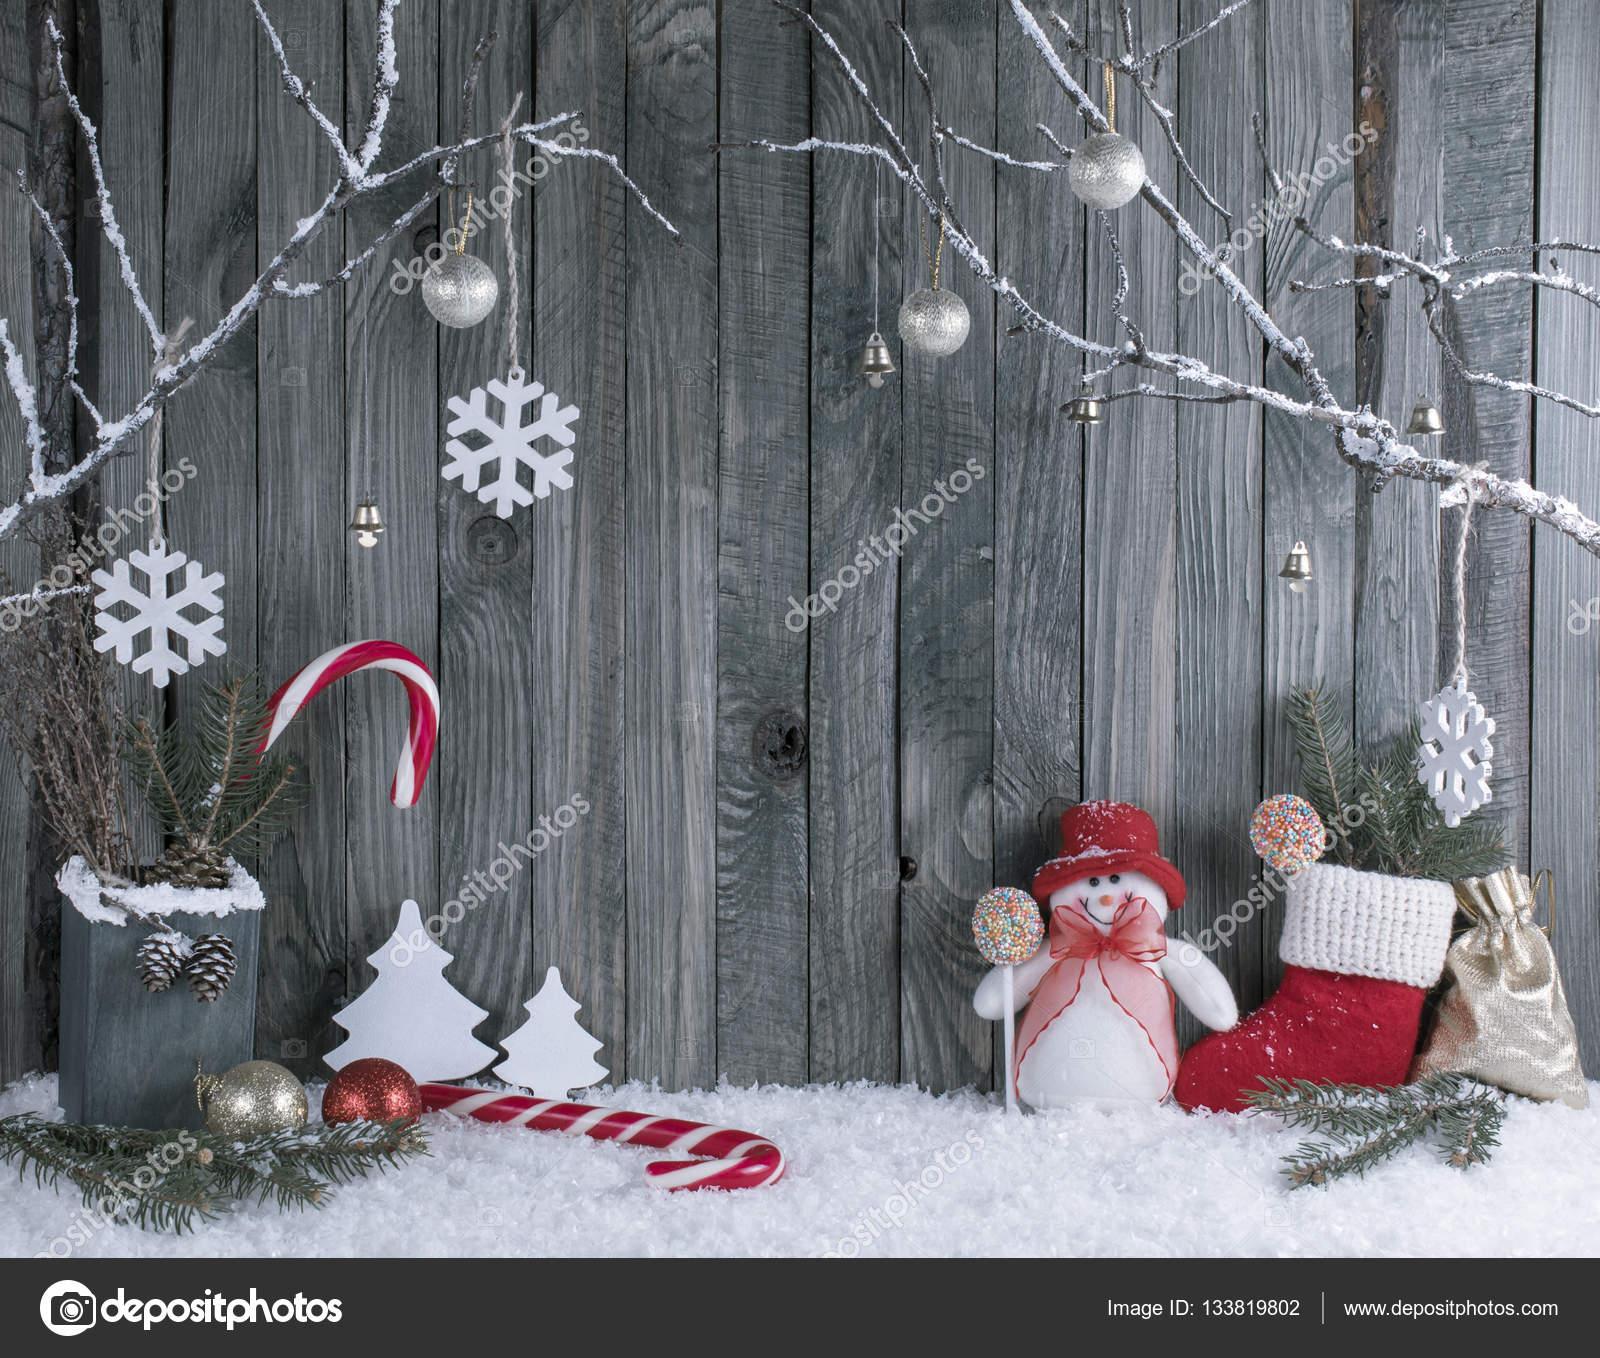 https://st3.depositphotos.com/1918437/13381/i/1600/depositphotos_133819802-stockafbeelding-kerst-interieur-met-decoratieve-takken.jpg